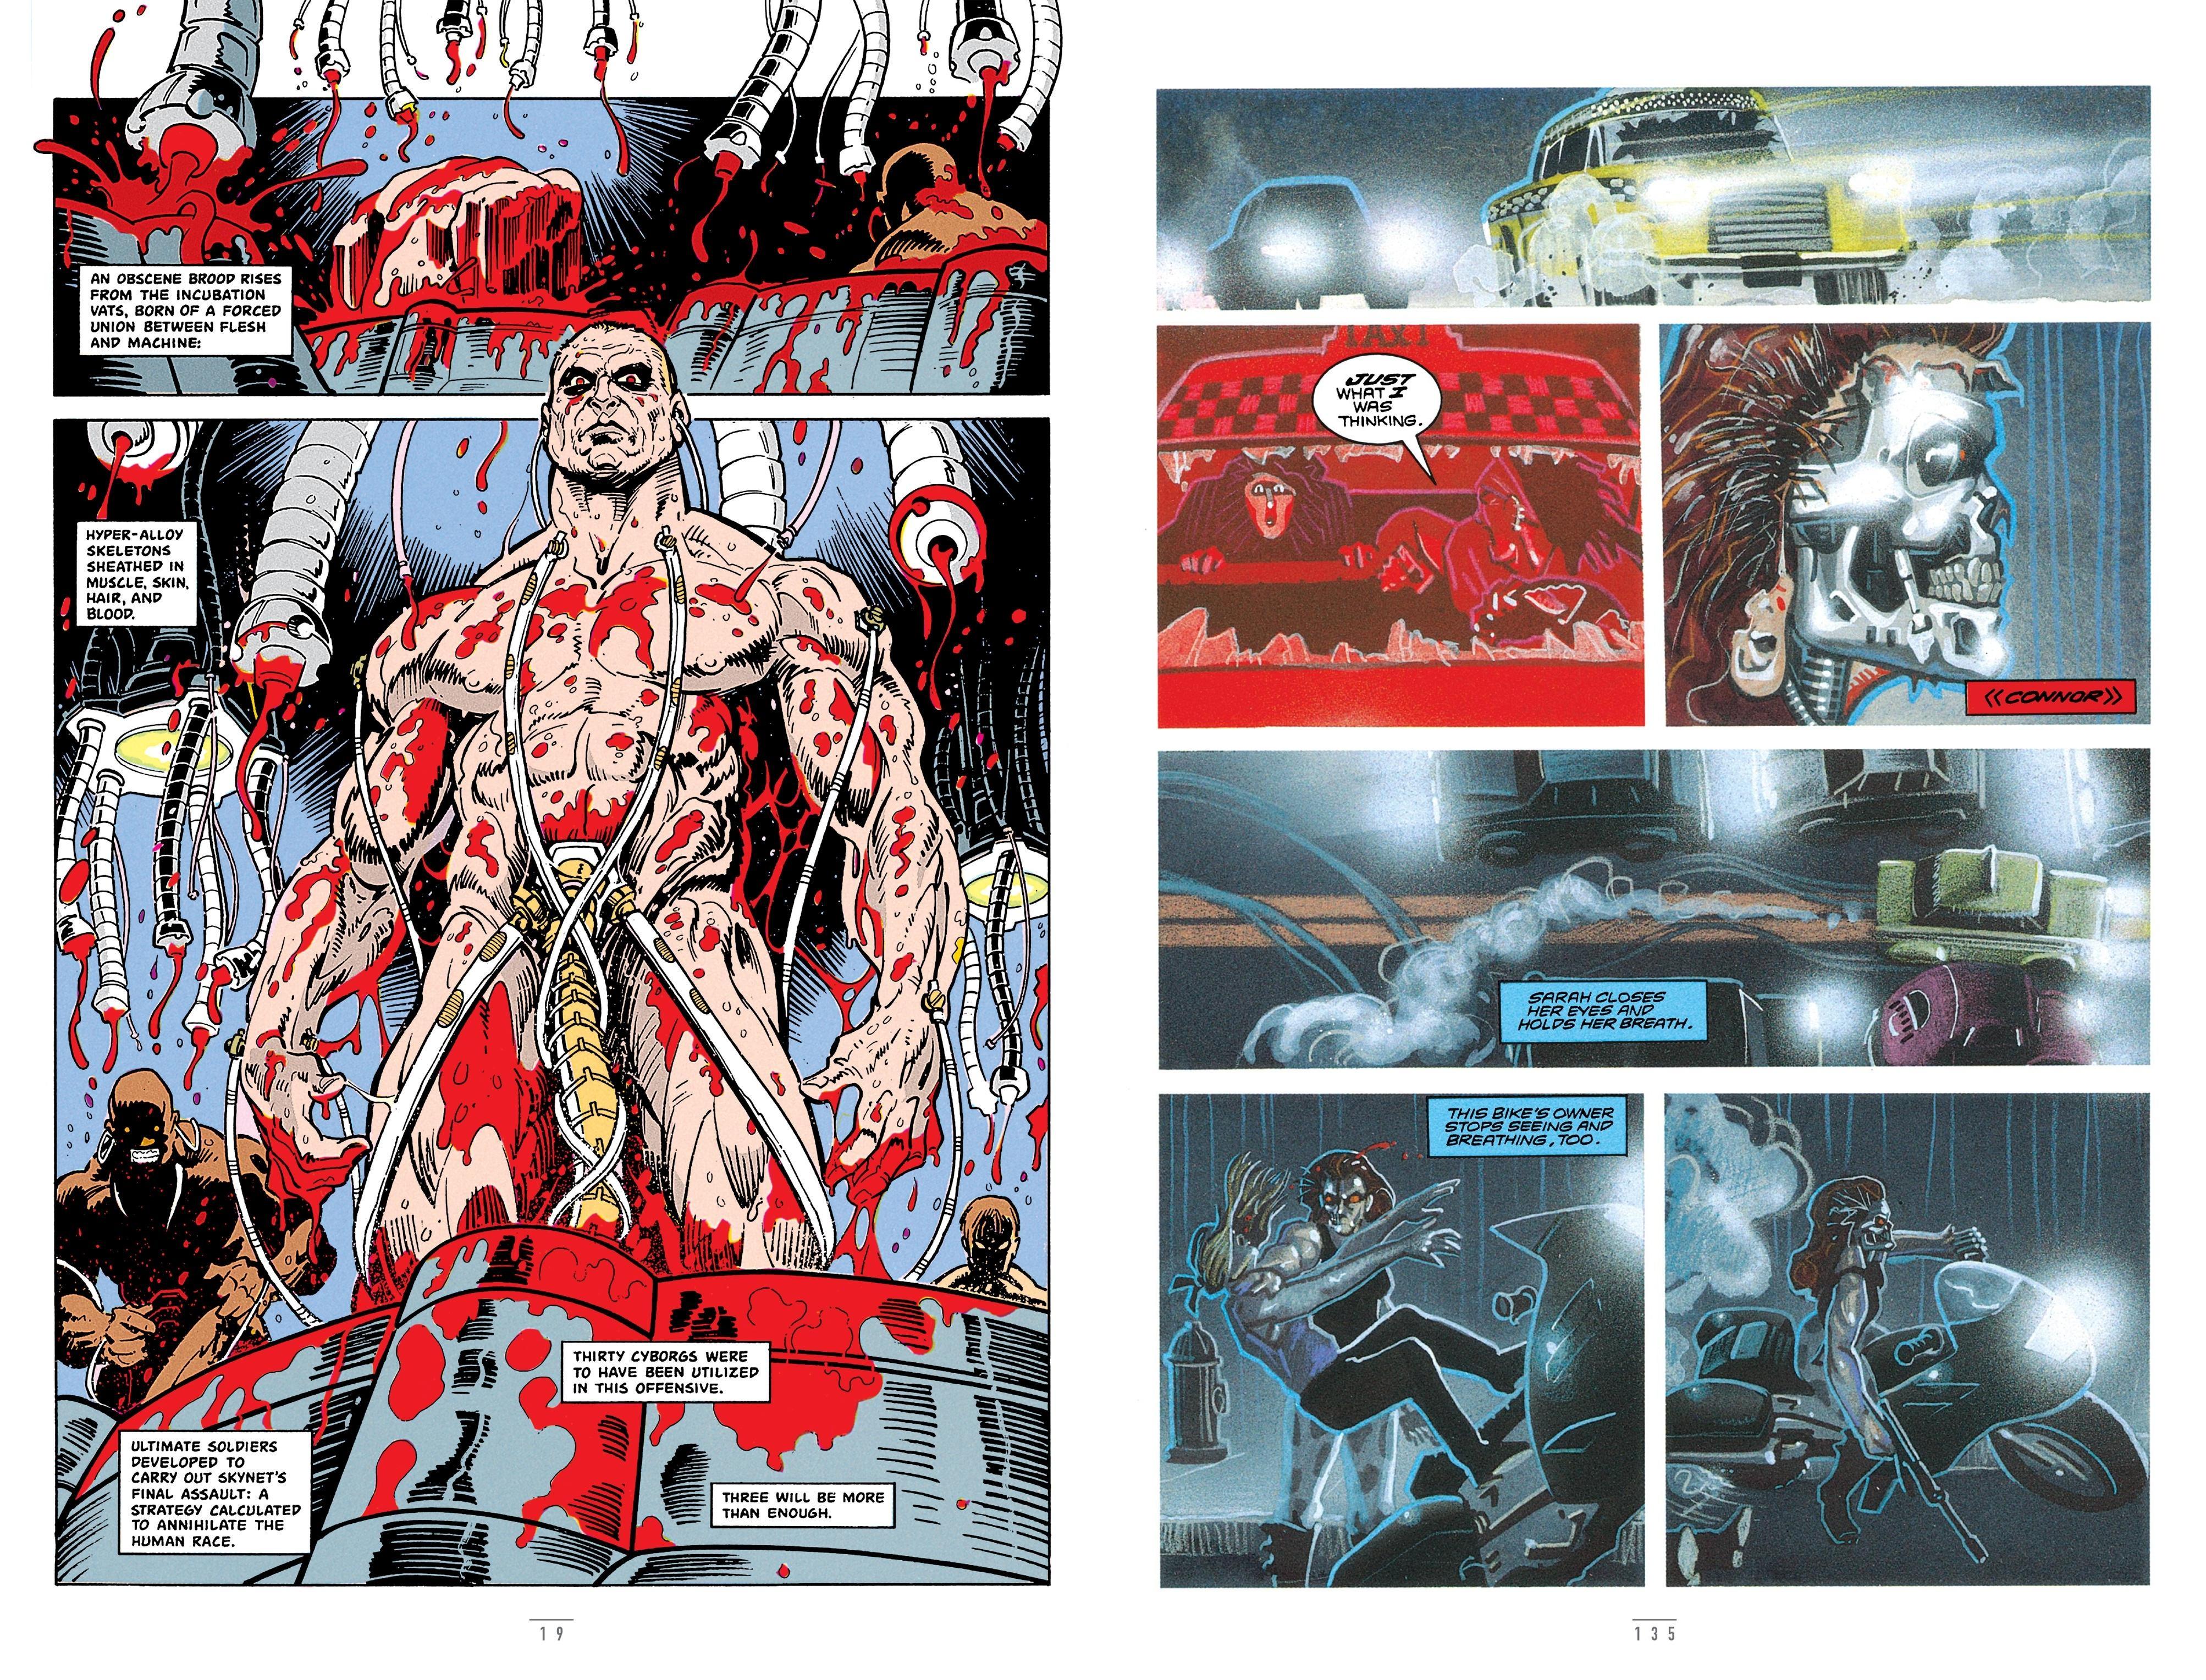 Terminator Original Comic series review